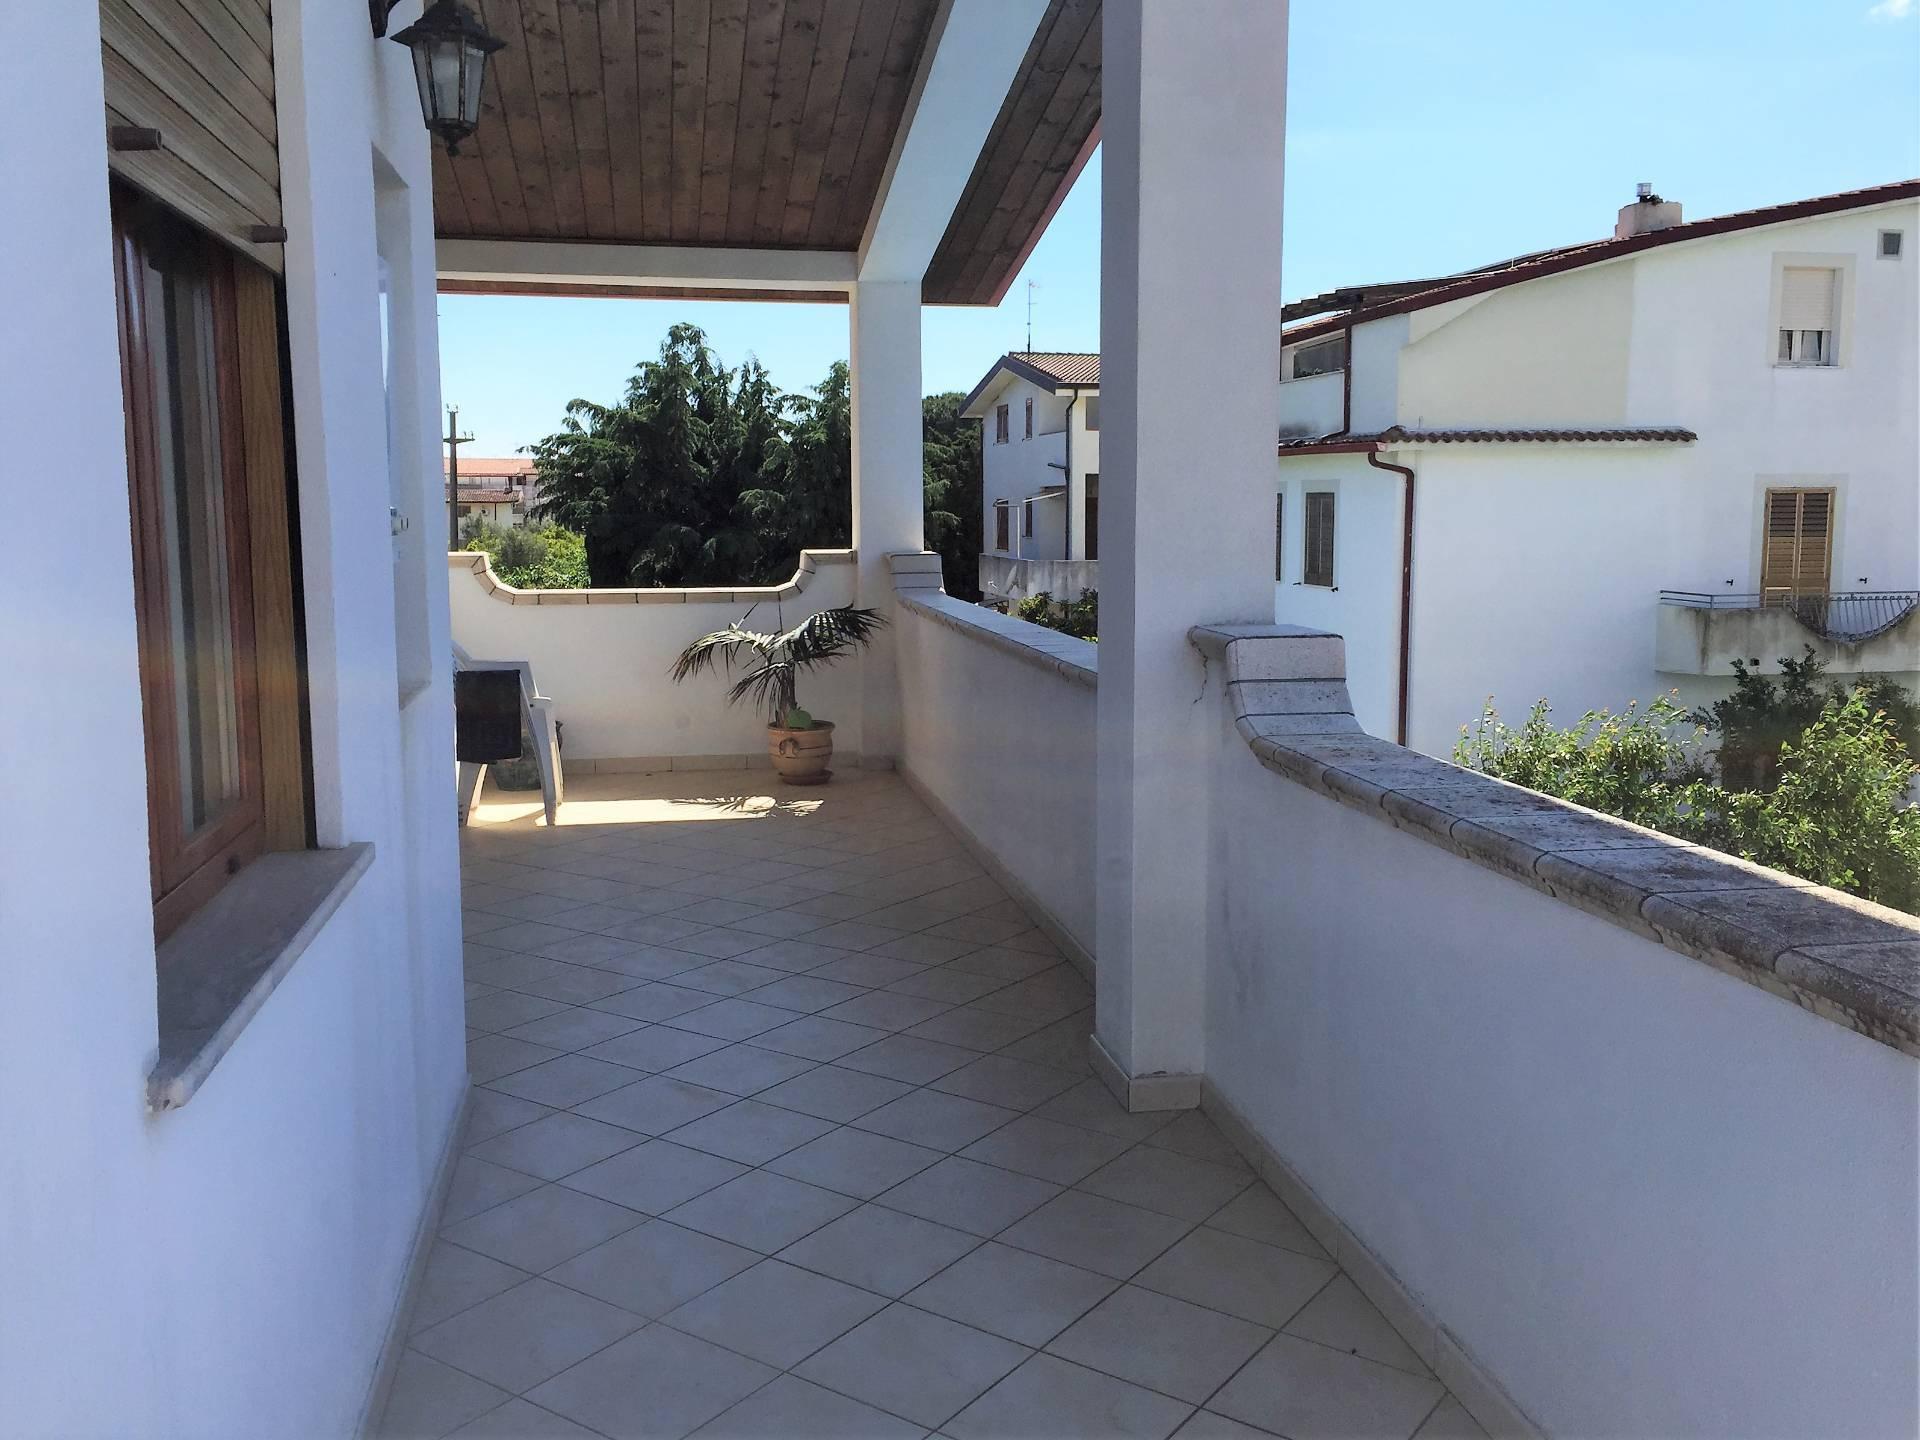 Appartamento in affitto a Sellia Marina, 3 locali, zona Zona: Cipollina, prezzo € 1.000 | CambioCasa.it